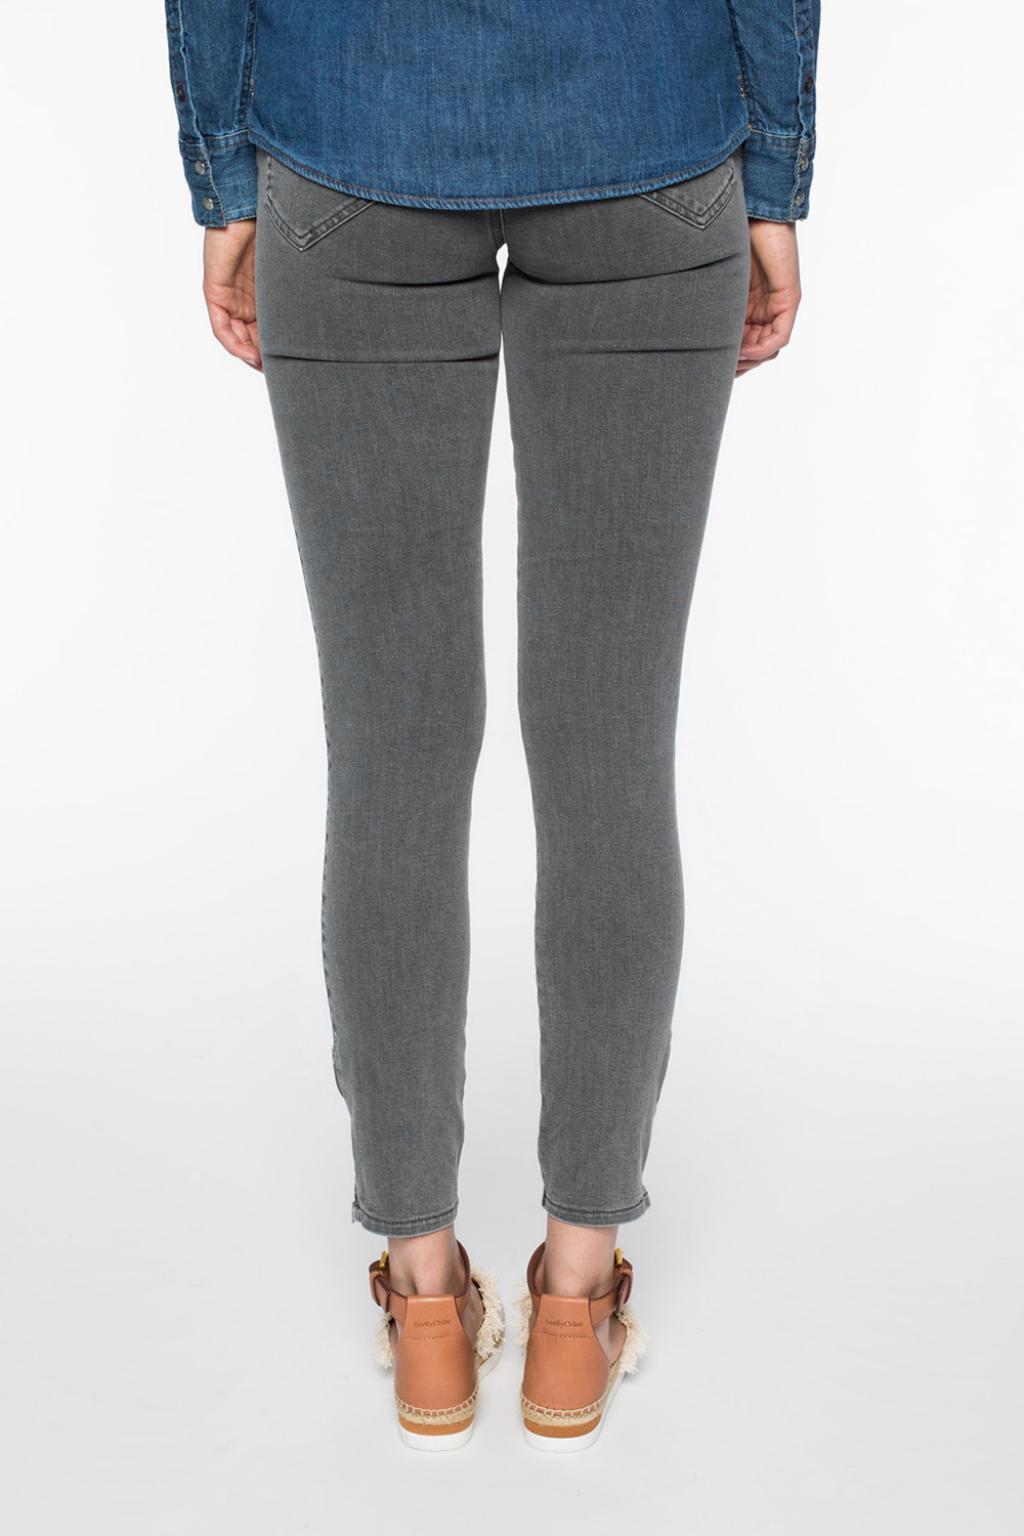 Diesel 'Skinzee-Zip' skinny jeans